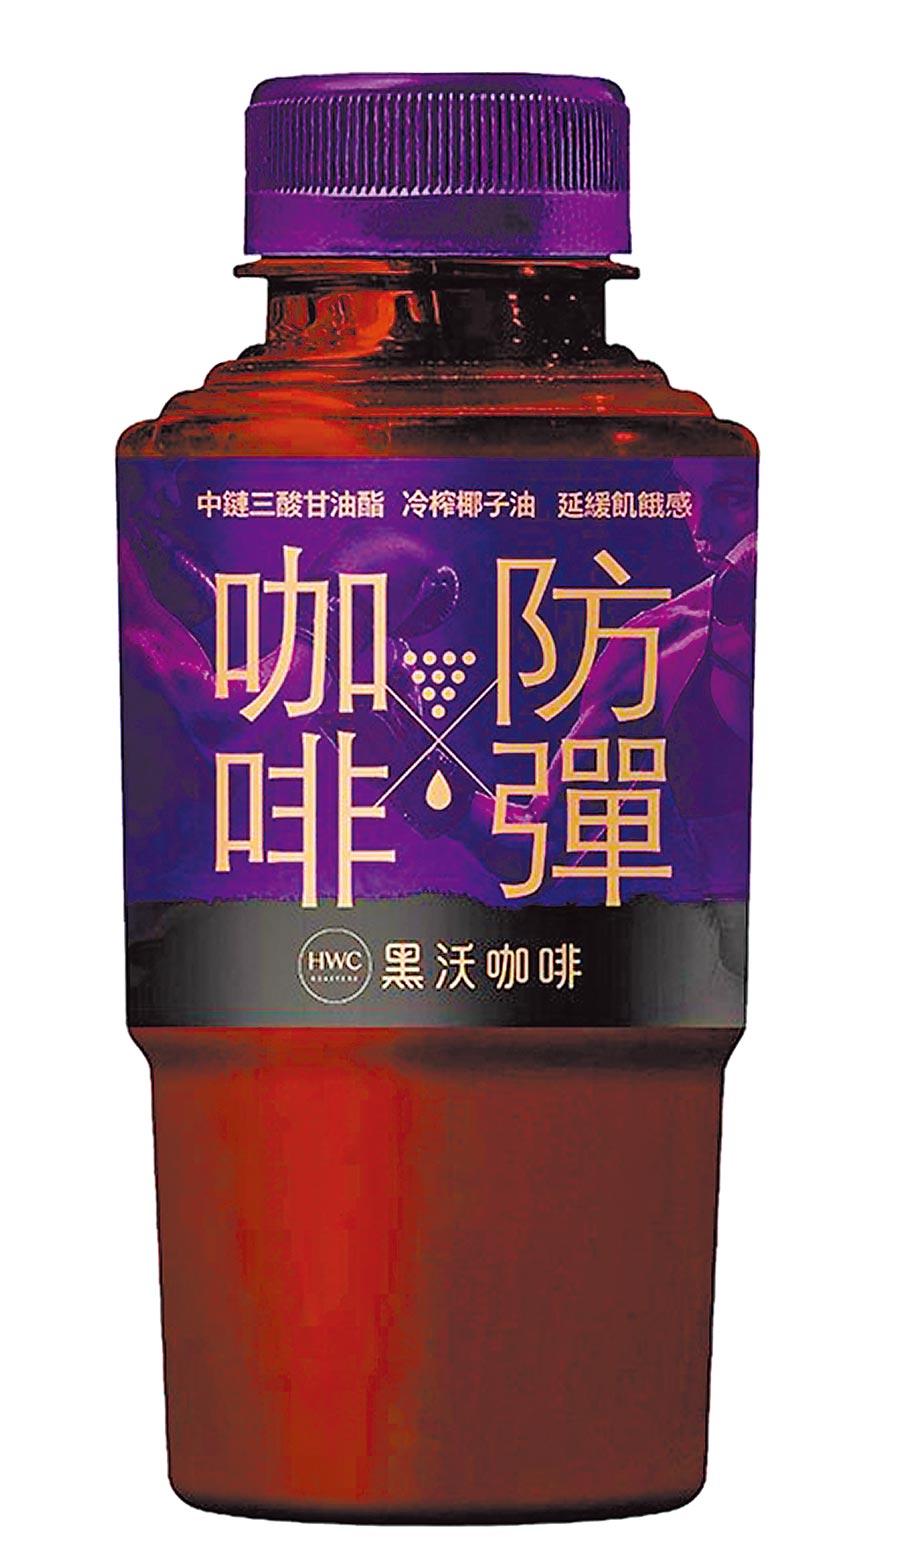 7-11黑沃防彈咖啡PET350,嘗鮮價42元。(7-11提供)